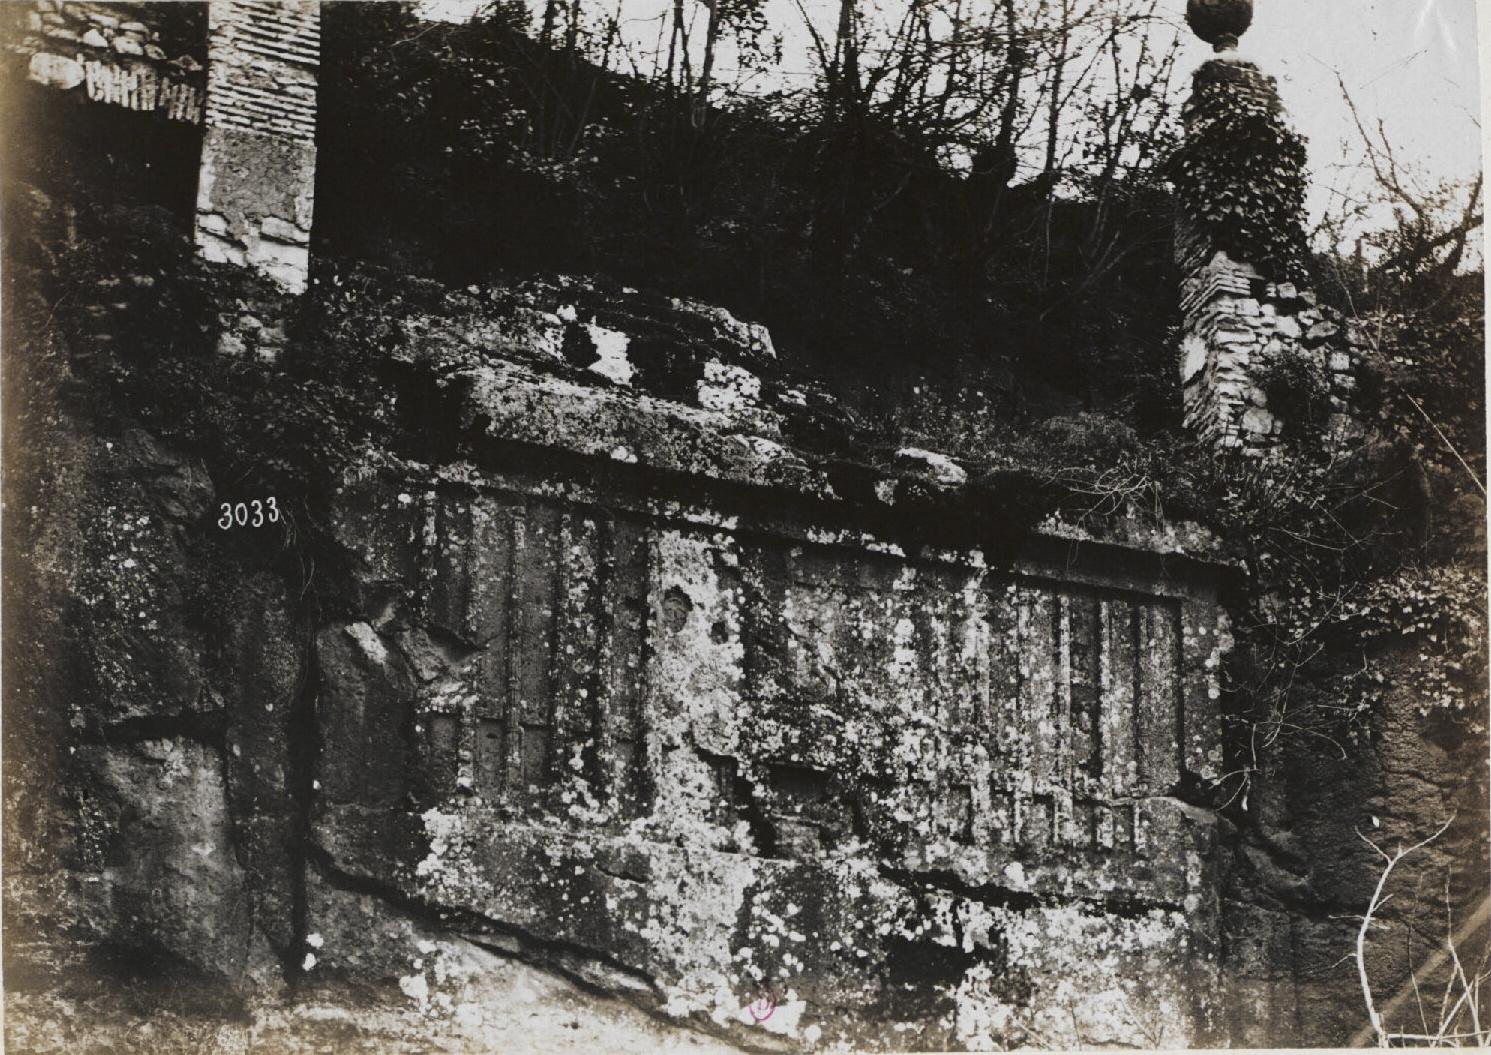 Альба-Лонга.  Отвесная скала, с вырезанной в ней гробней римского консула